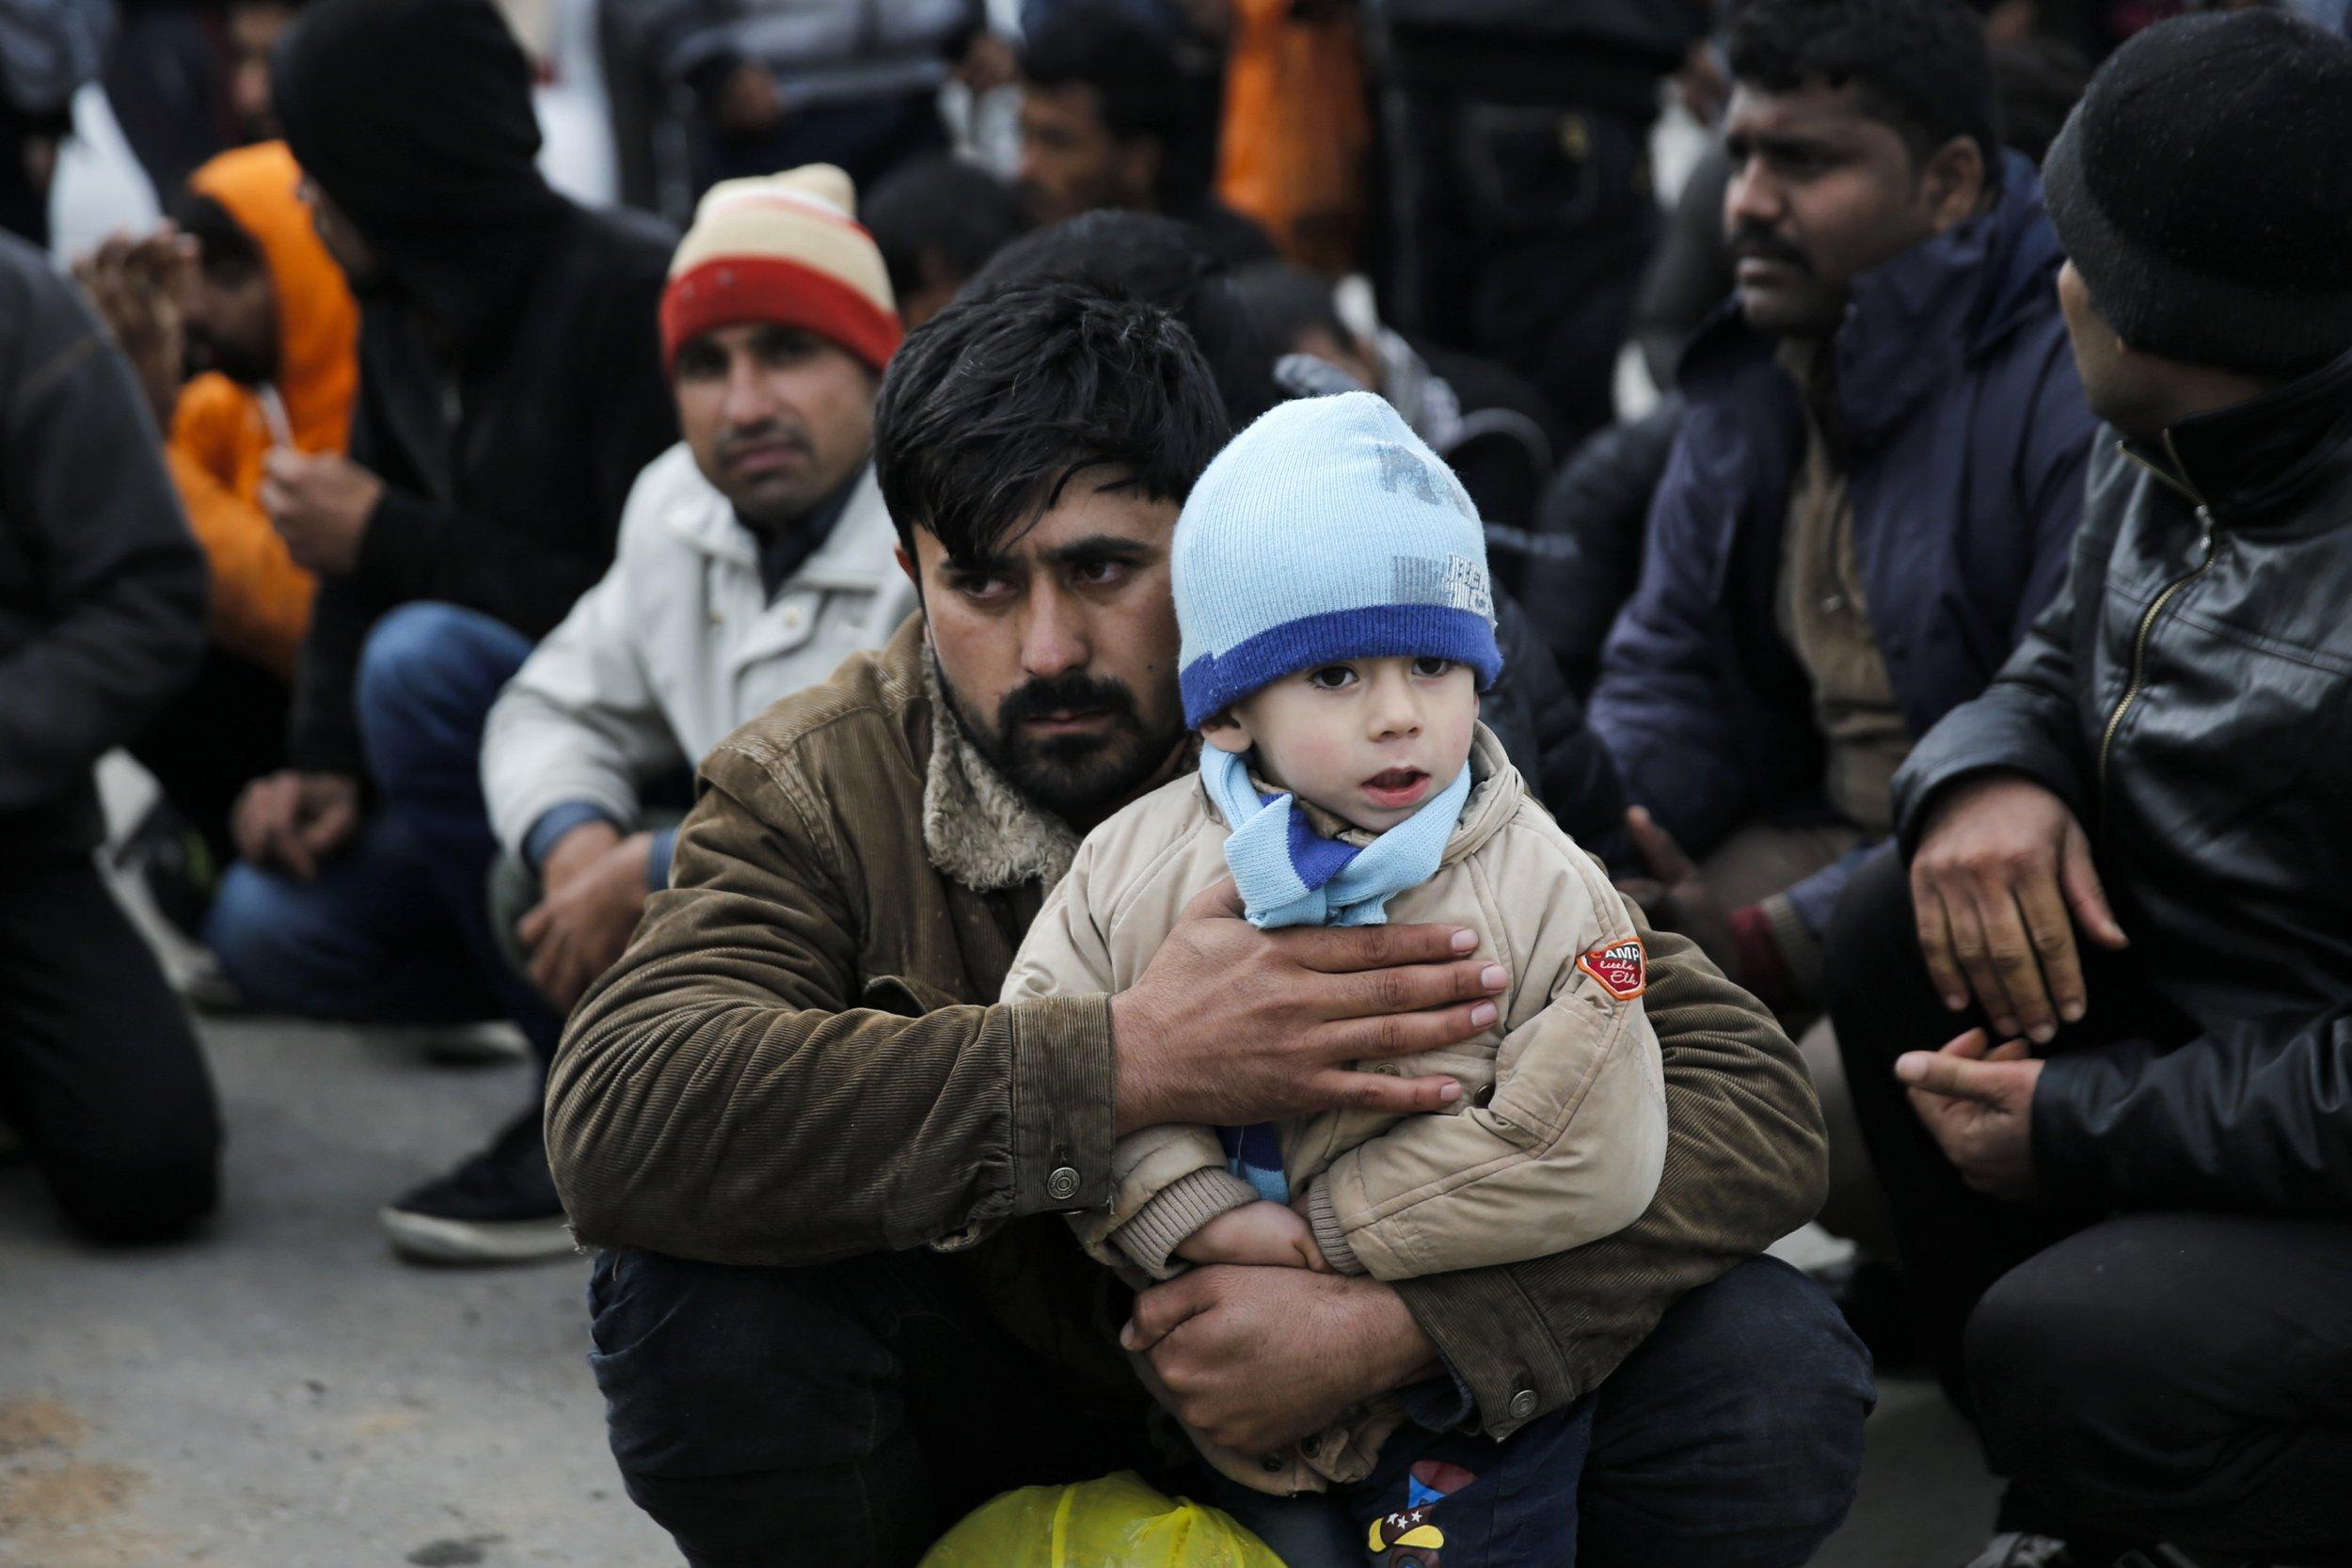 22/03/2016_Lesbos Refugee